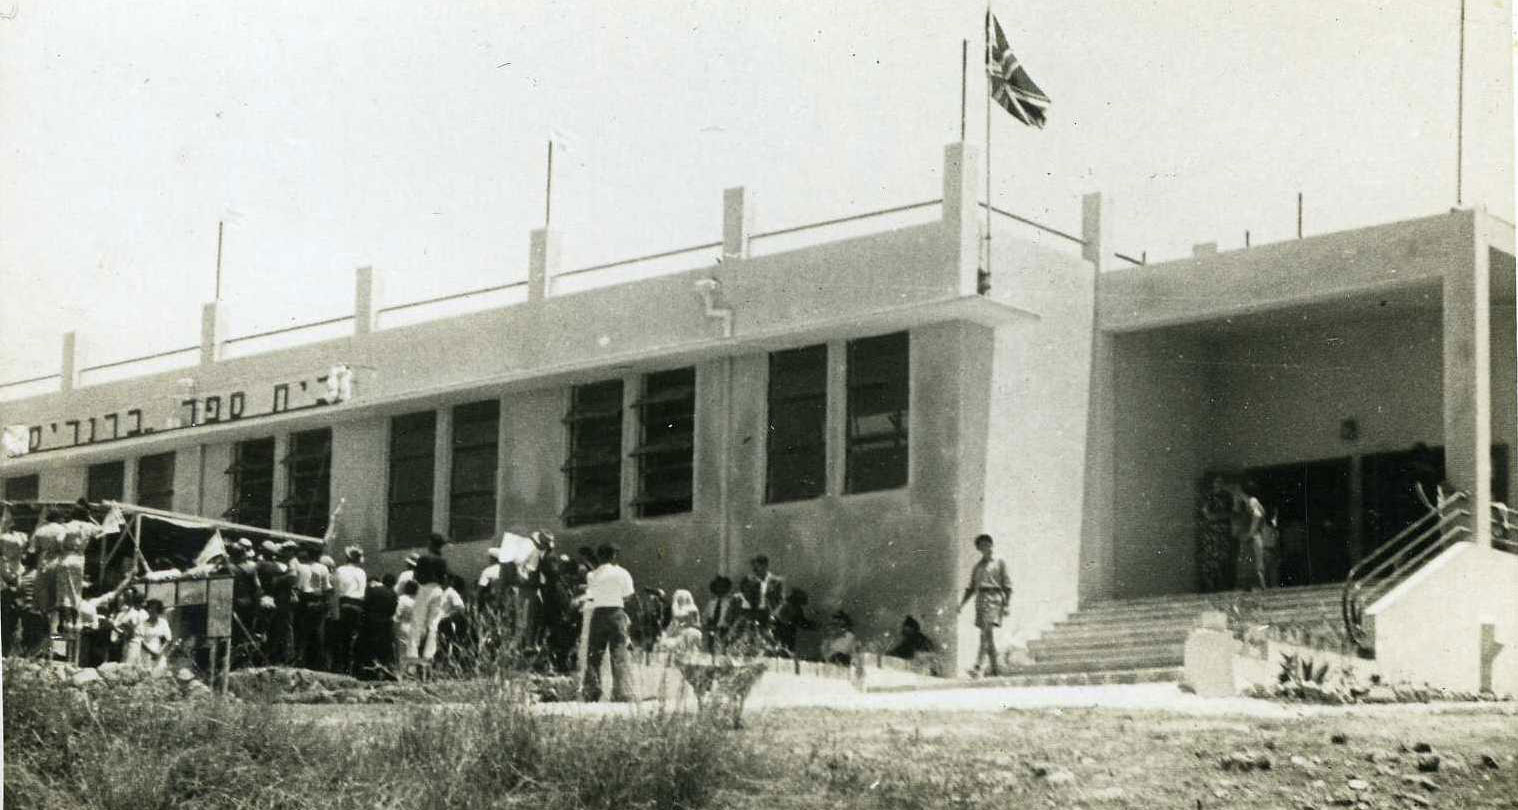 בית ספר ברנייס - מבנים היסטוריים בהרצליה